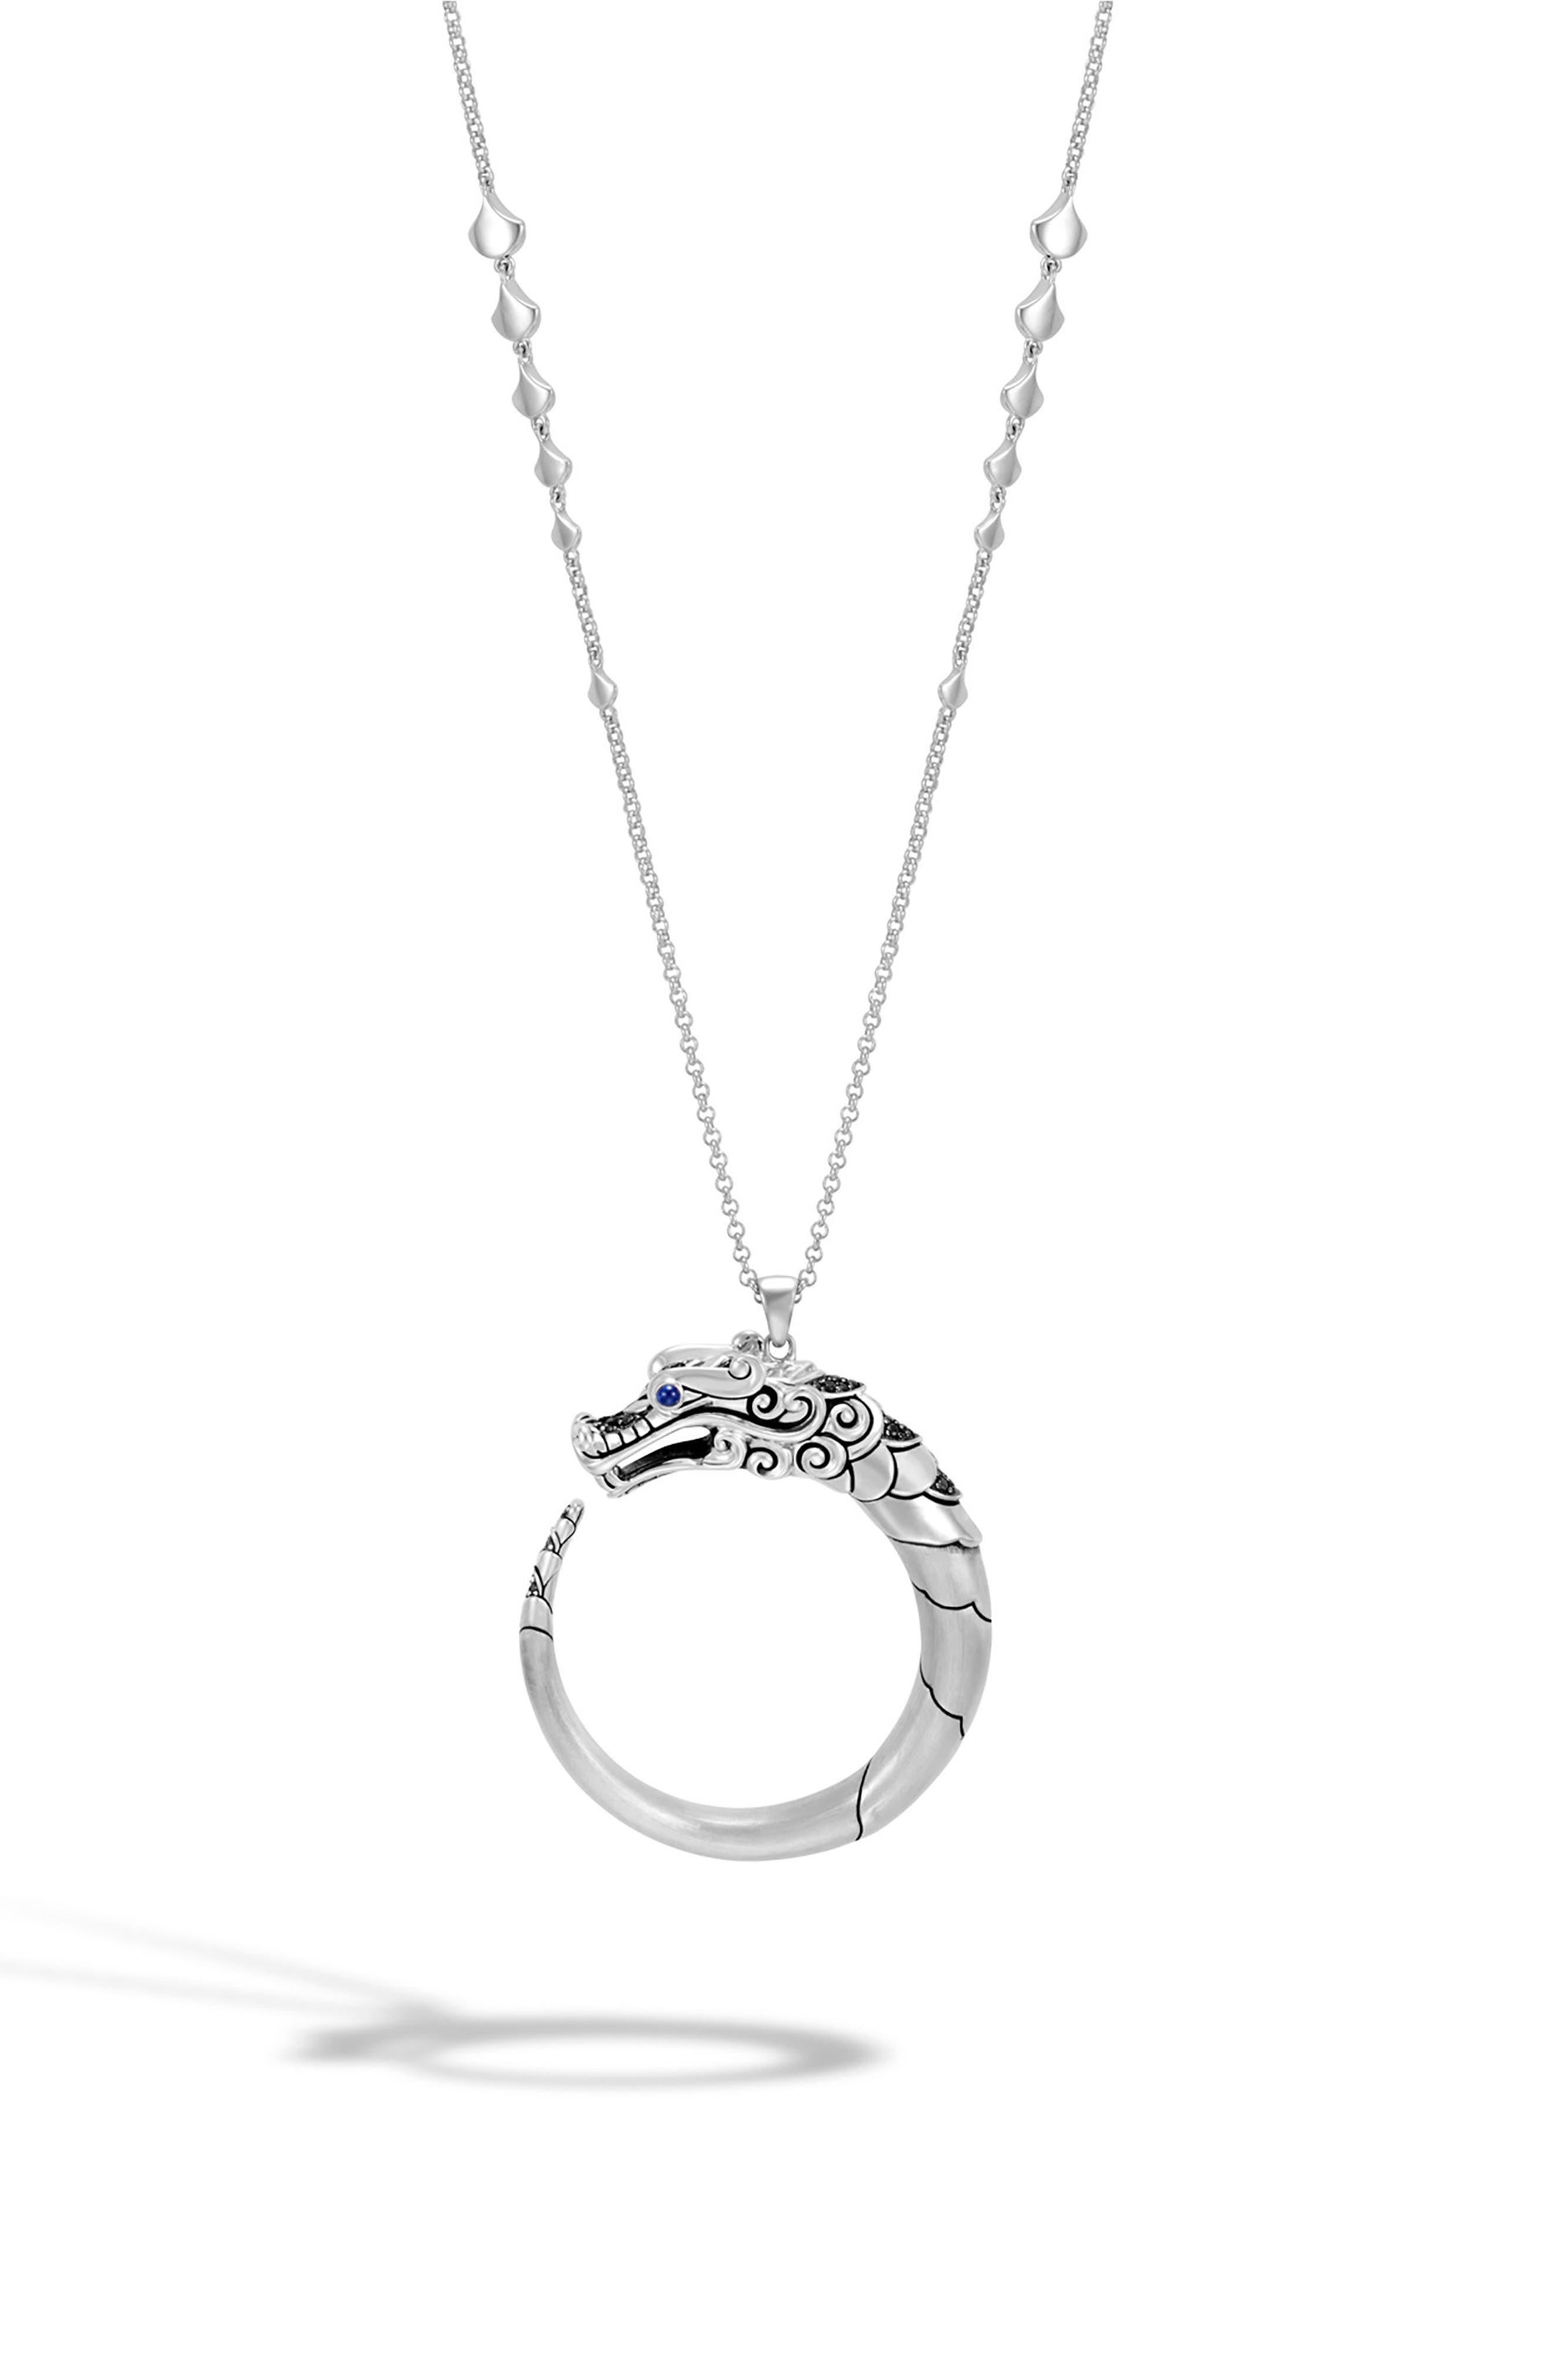 Legends Naga Long Pendant Necklace,                             Main thumbnail 1, color,                             Silver/ Black/ Blue Sapphire